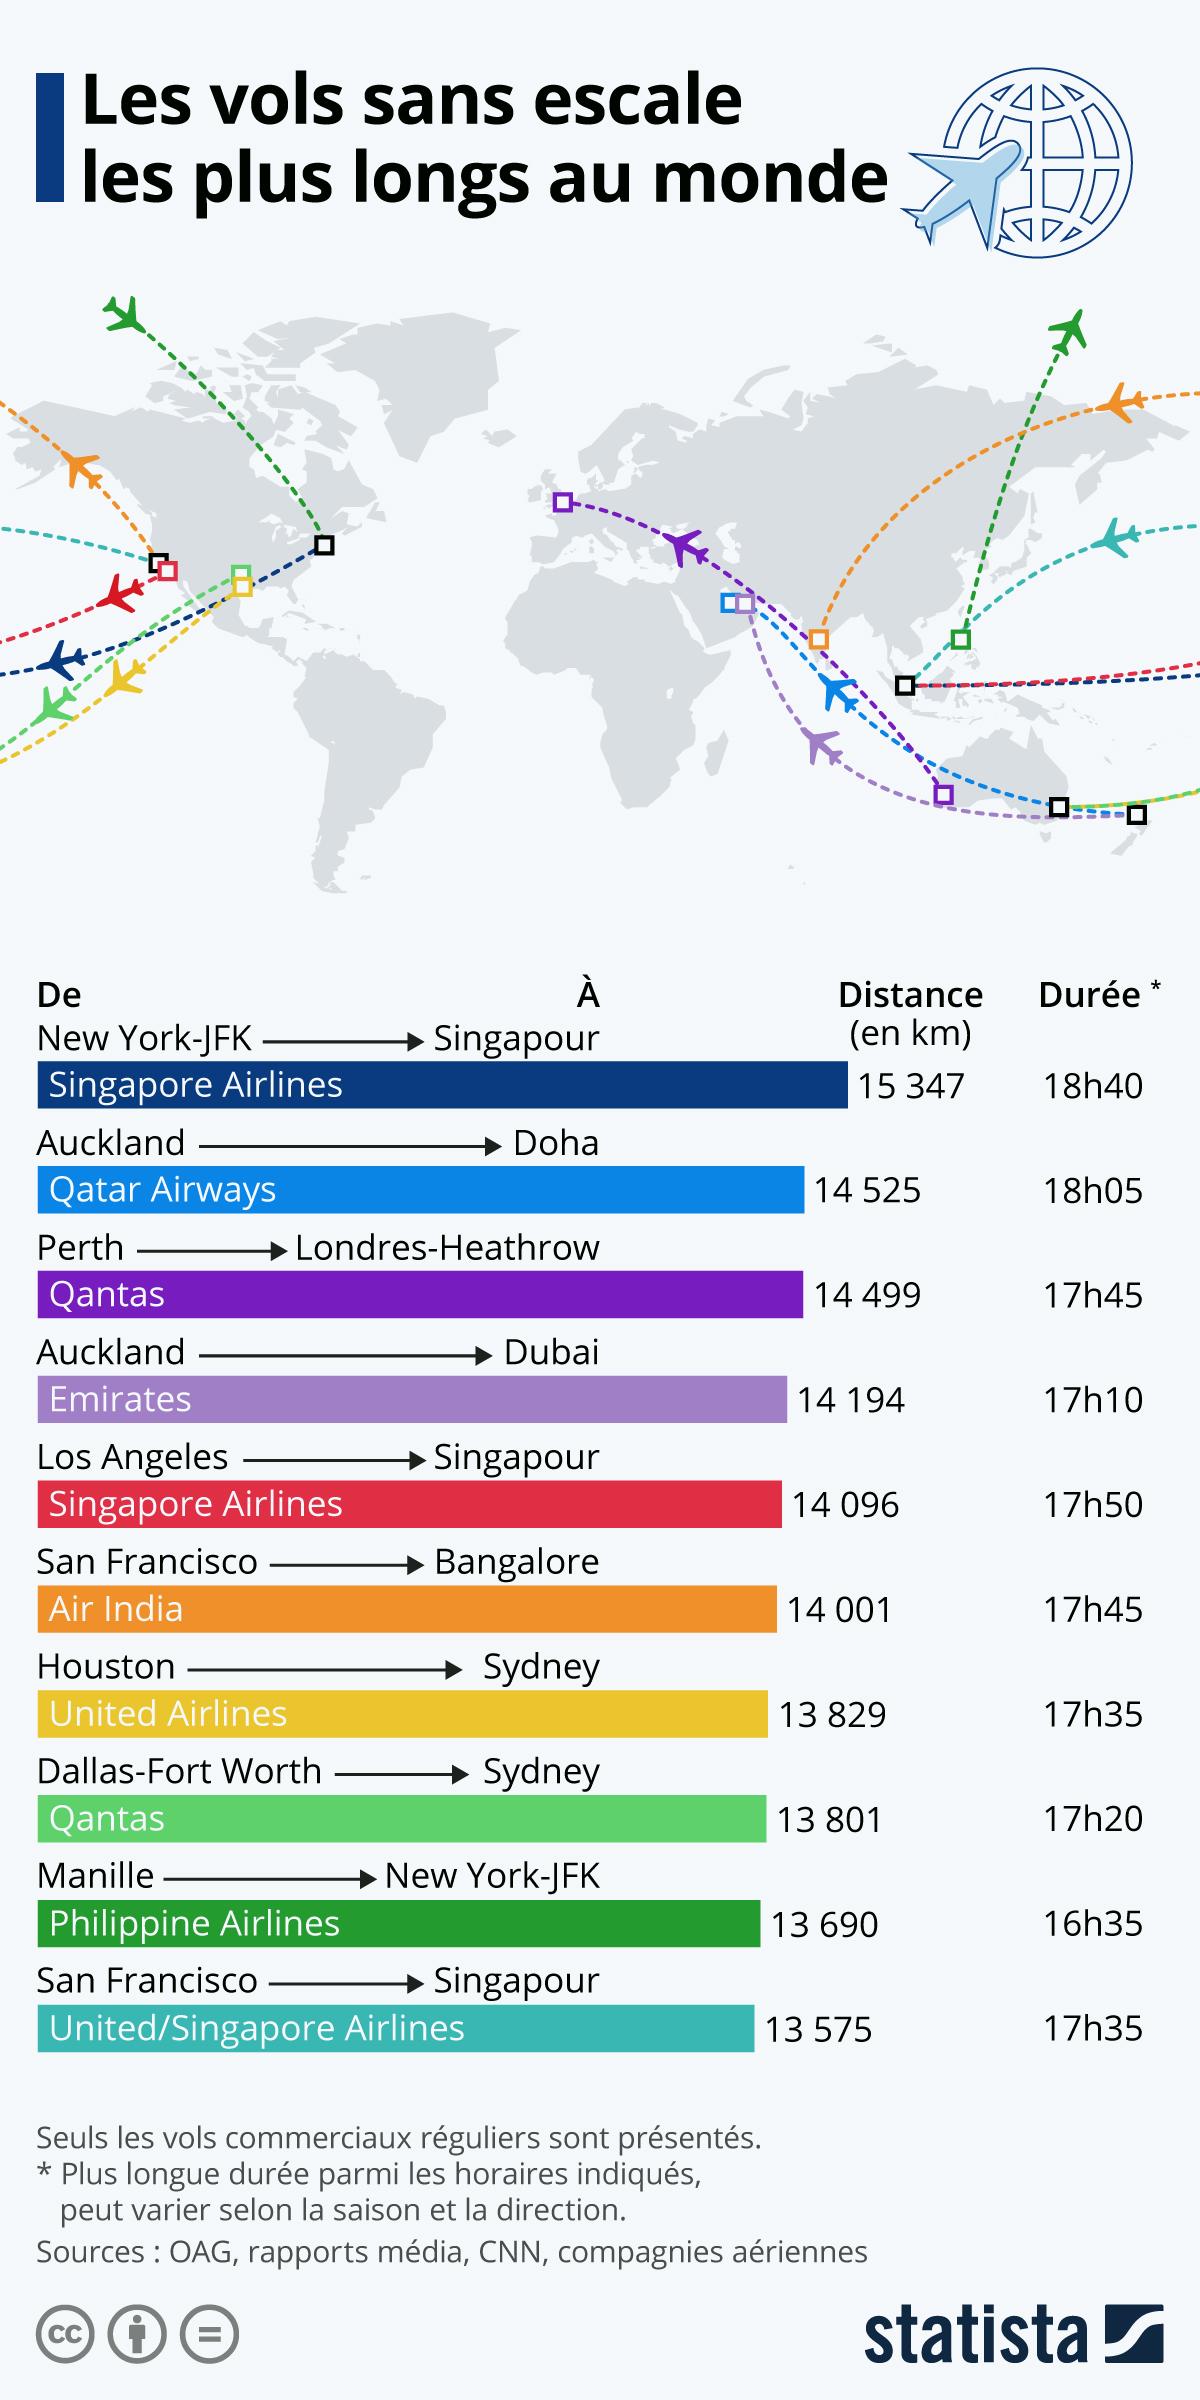 Infographie: Les vols sans escale les plus longs au monde | Statista